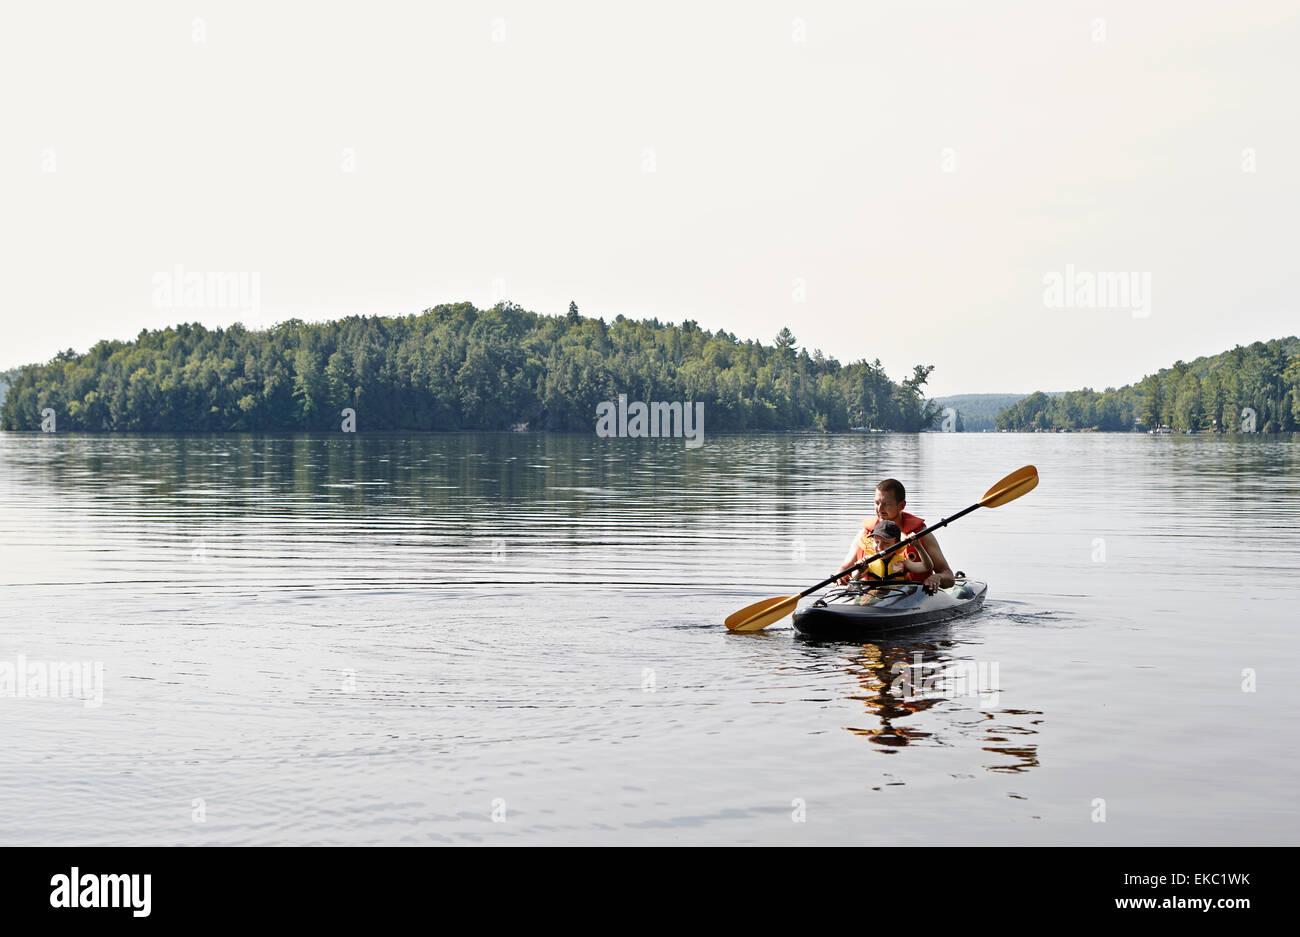 Vater und Sohn Kajak auf See, Ontario, Kanada Stockbild